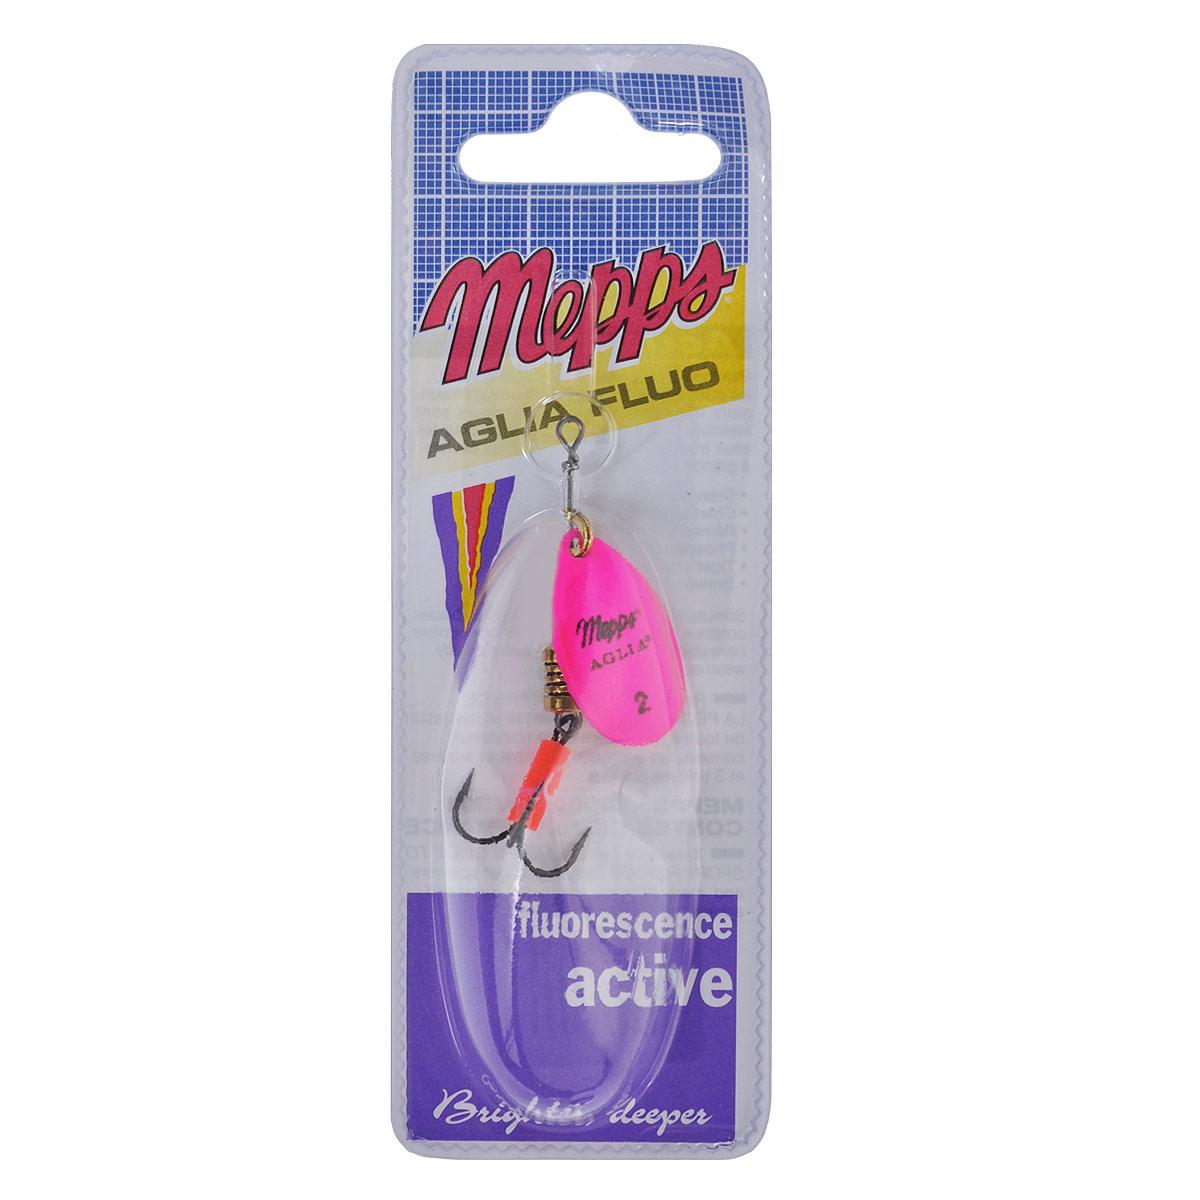 Блесна Mepps Aglia Fluo Rose, вращающаяся, №2010-01199-23Вращающаяся блесна Mepps Aglia Fluo Rose выполнена в виде лепестка розового матового окраса, дающего преимущество при ловле рыбы в темное время суток, на большой глубине и в мутной воде. Такая блесна отлично видна даже при освещении ультрафиолетовыми лучами, доходящими до самых больших глубин. Стимулированная ультрафиолетом, она продолжает еще долго светиться.